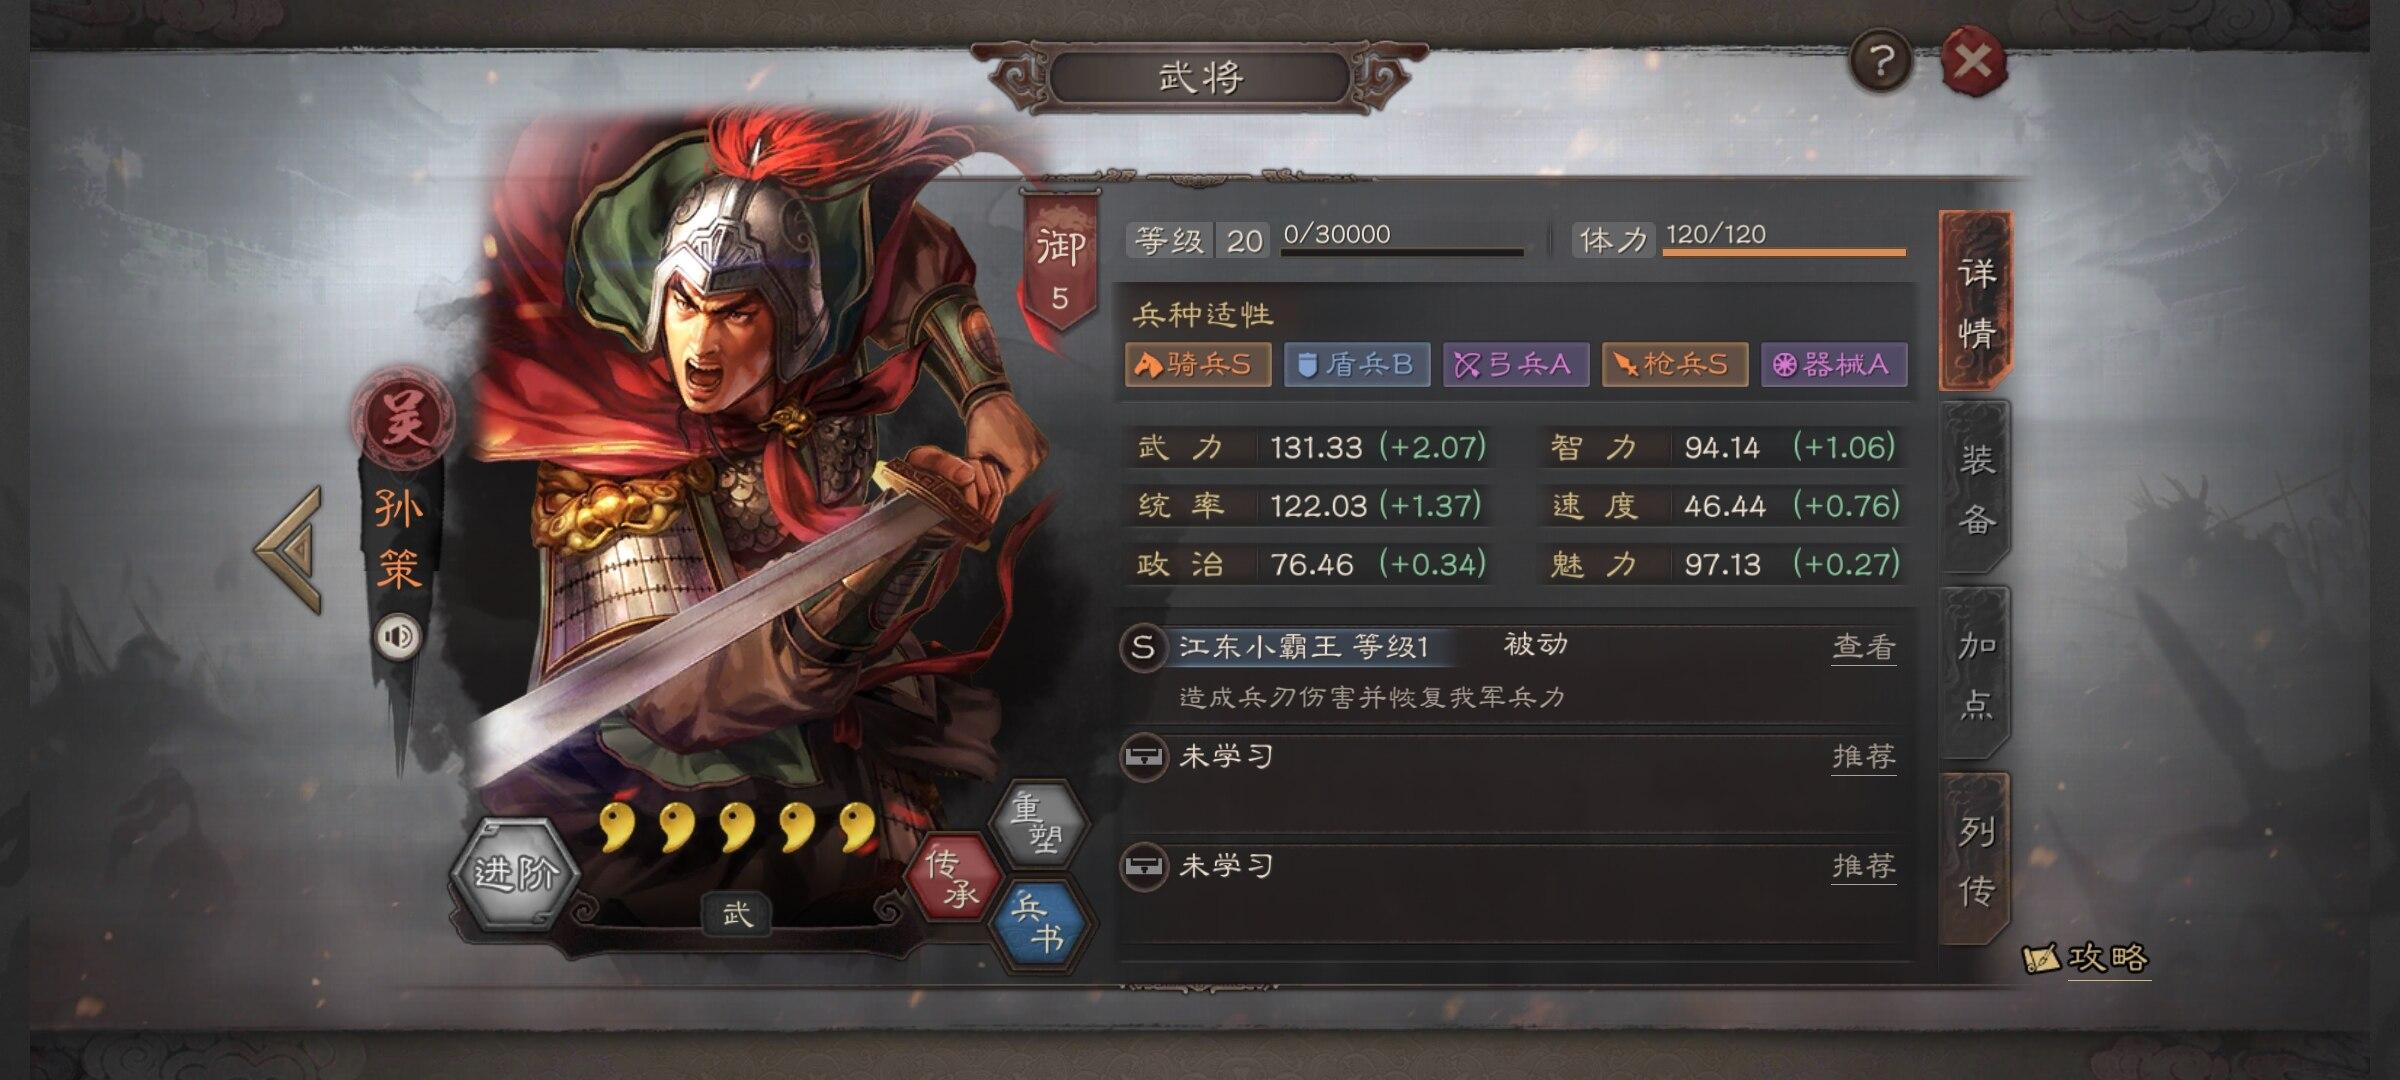 三国志战略版:10月21号版本更新,黄忠能从冷板凳起来了吗?插图(1)